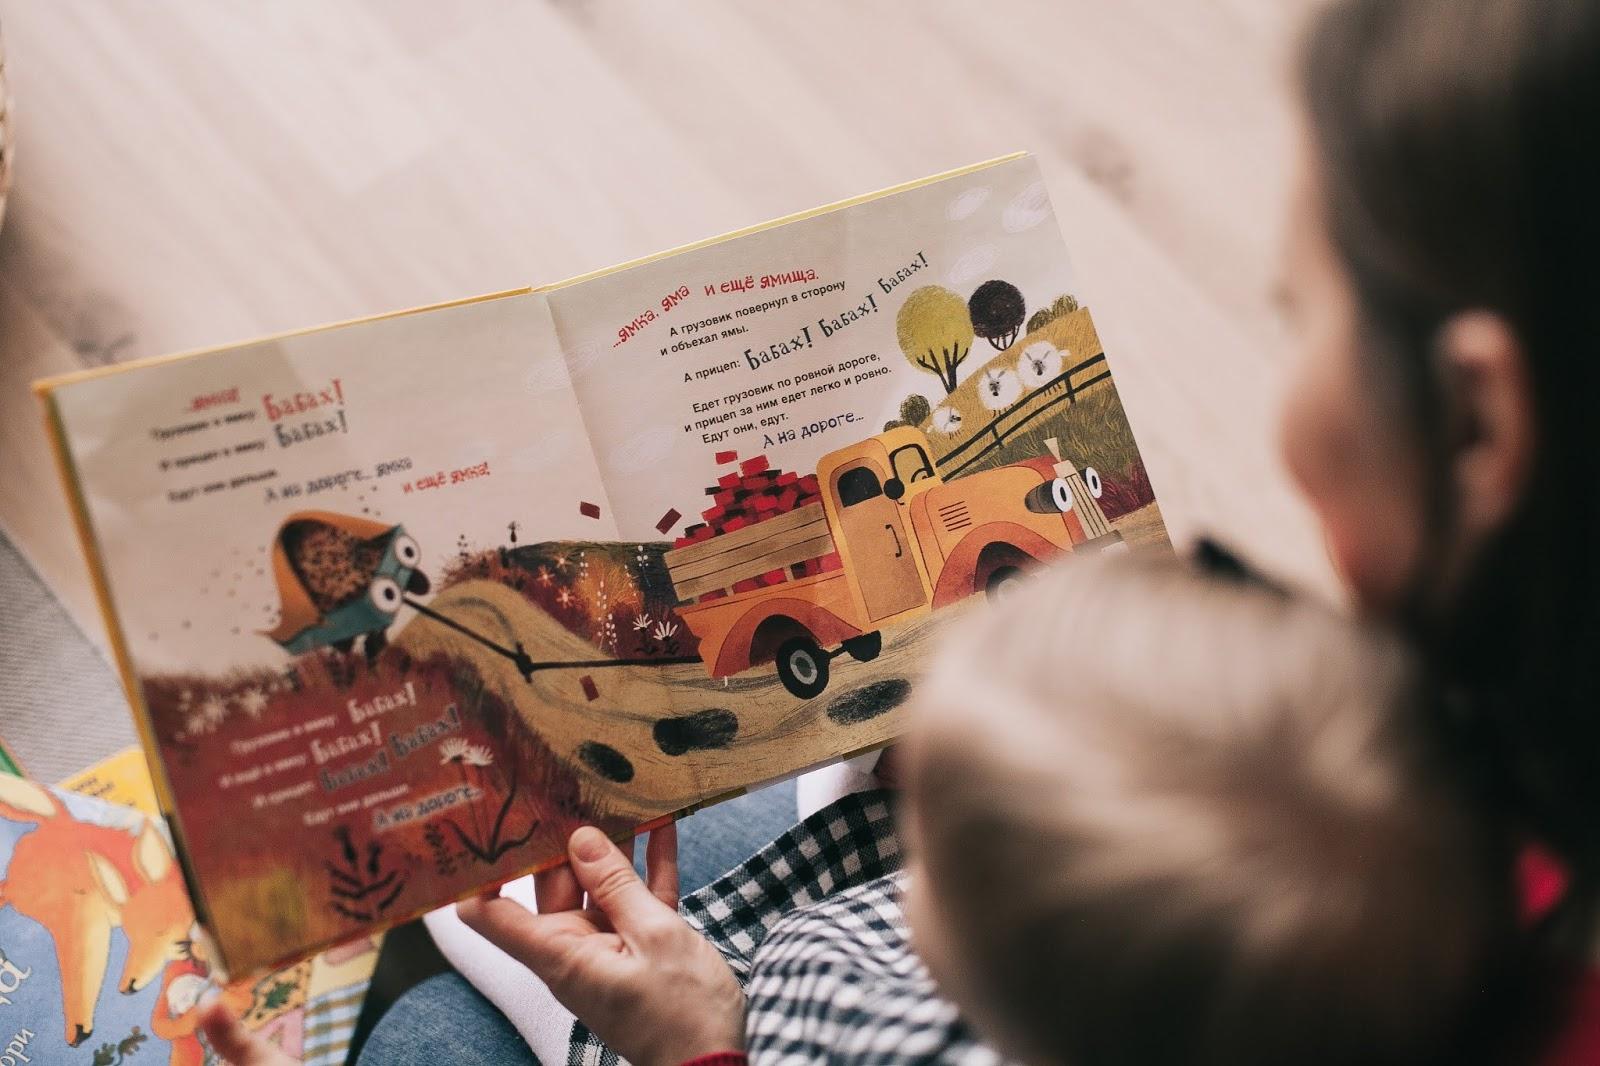 التعامل,الاطفال,الطفل العنيد,الأطفال,تربية الاطفال,التعامل مع الطفل العنيد,برنامج,كيفية,نصائح,الطفل,غيرة الاطفال,التربية,مع,كيفية التعامل مع الاطفال,تربية الطفل,يوتيوب,كيفية التواصل مع الأطفال,المراهقة,التعامل مع الطفل,قناة